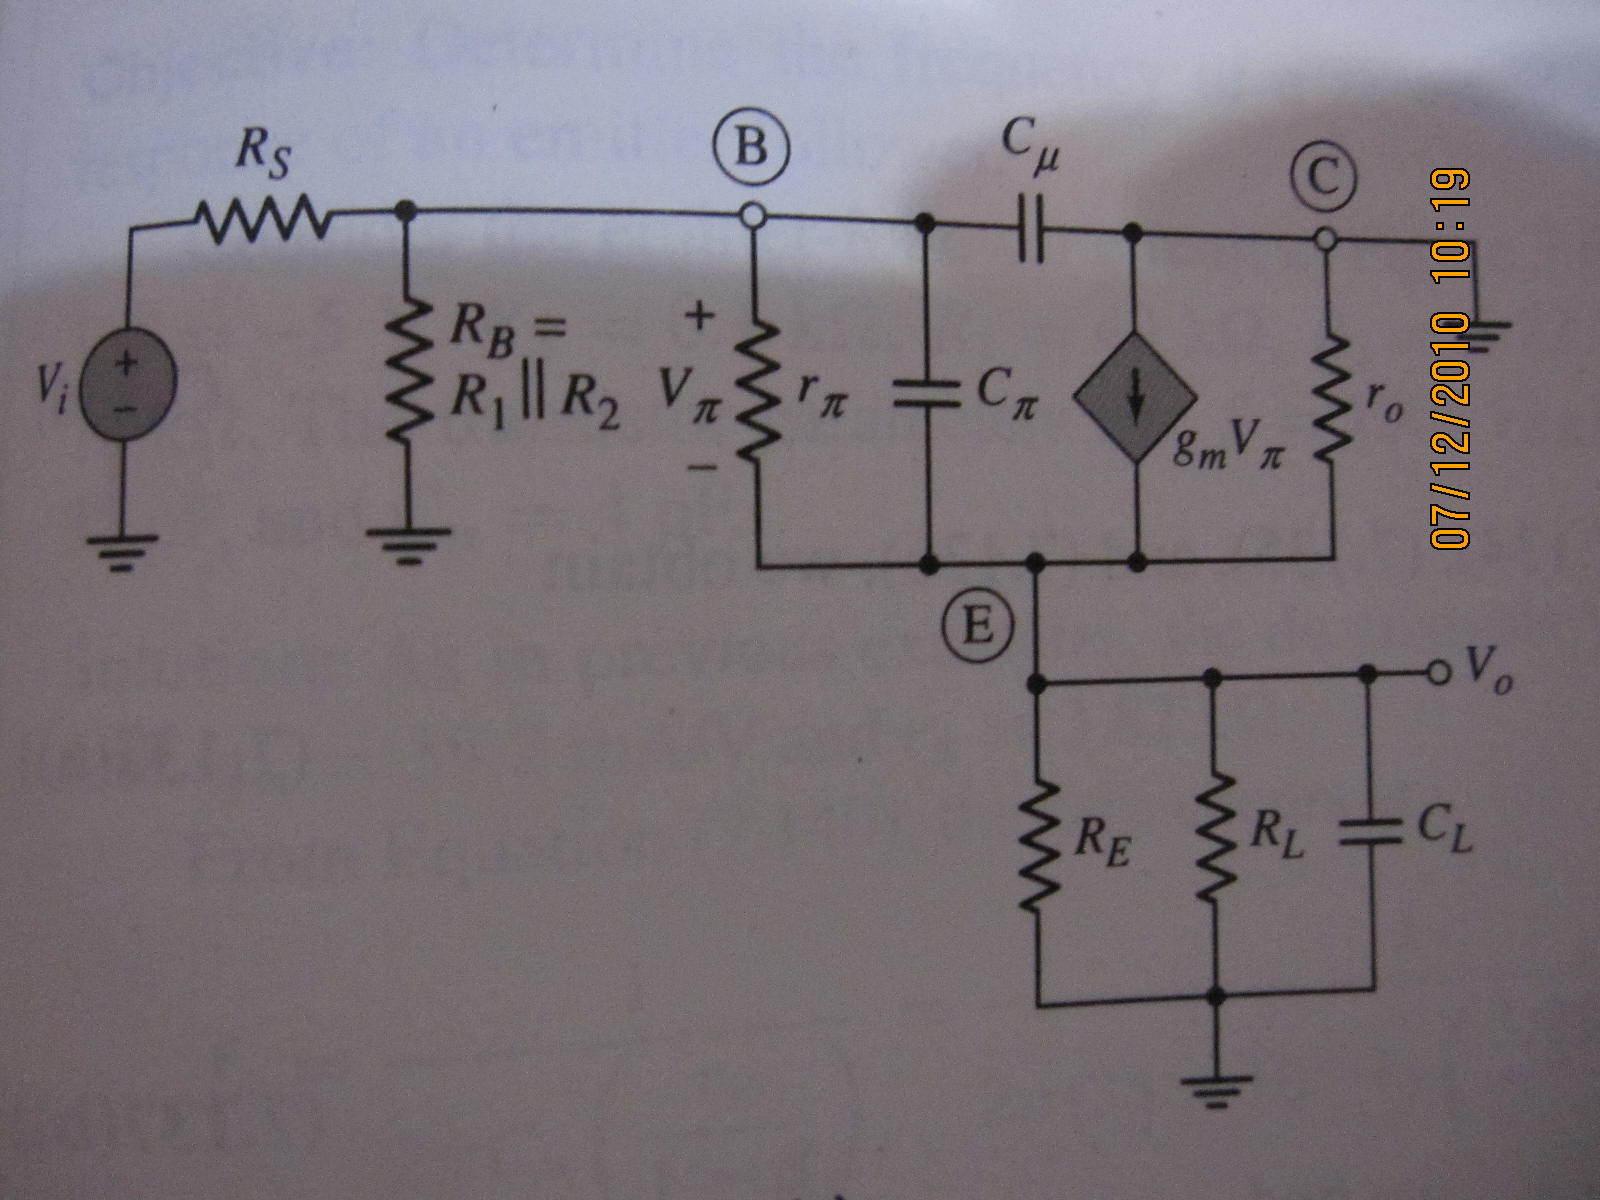 生物膜可以用电容为c和电阻为r的并联等效电路来表示